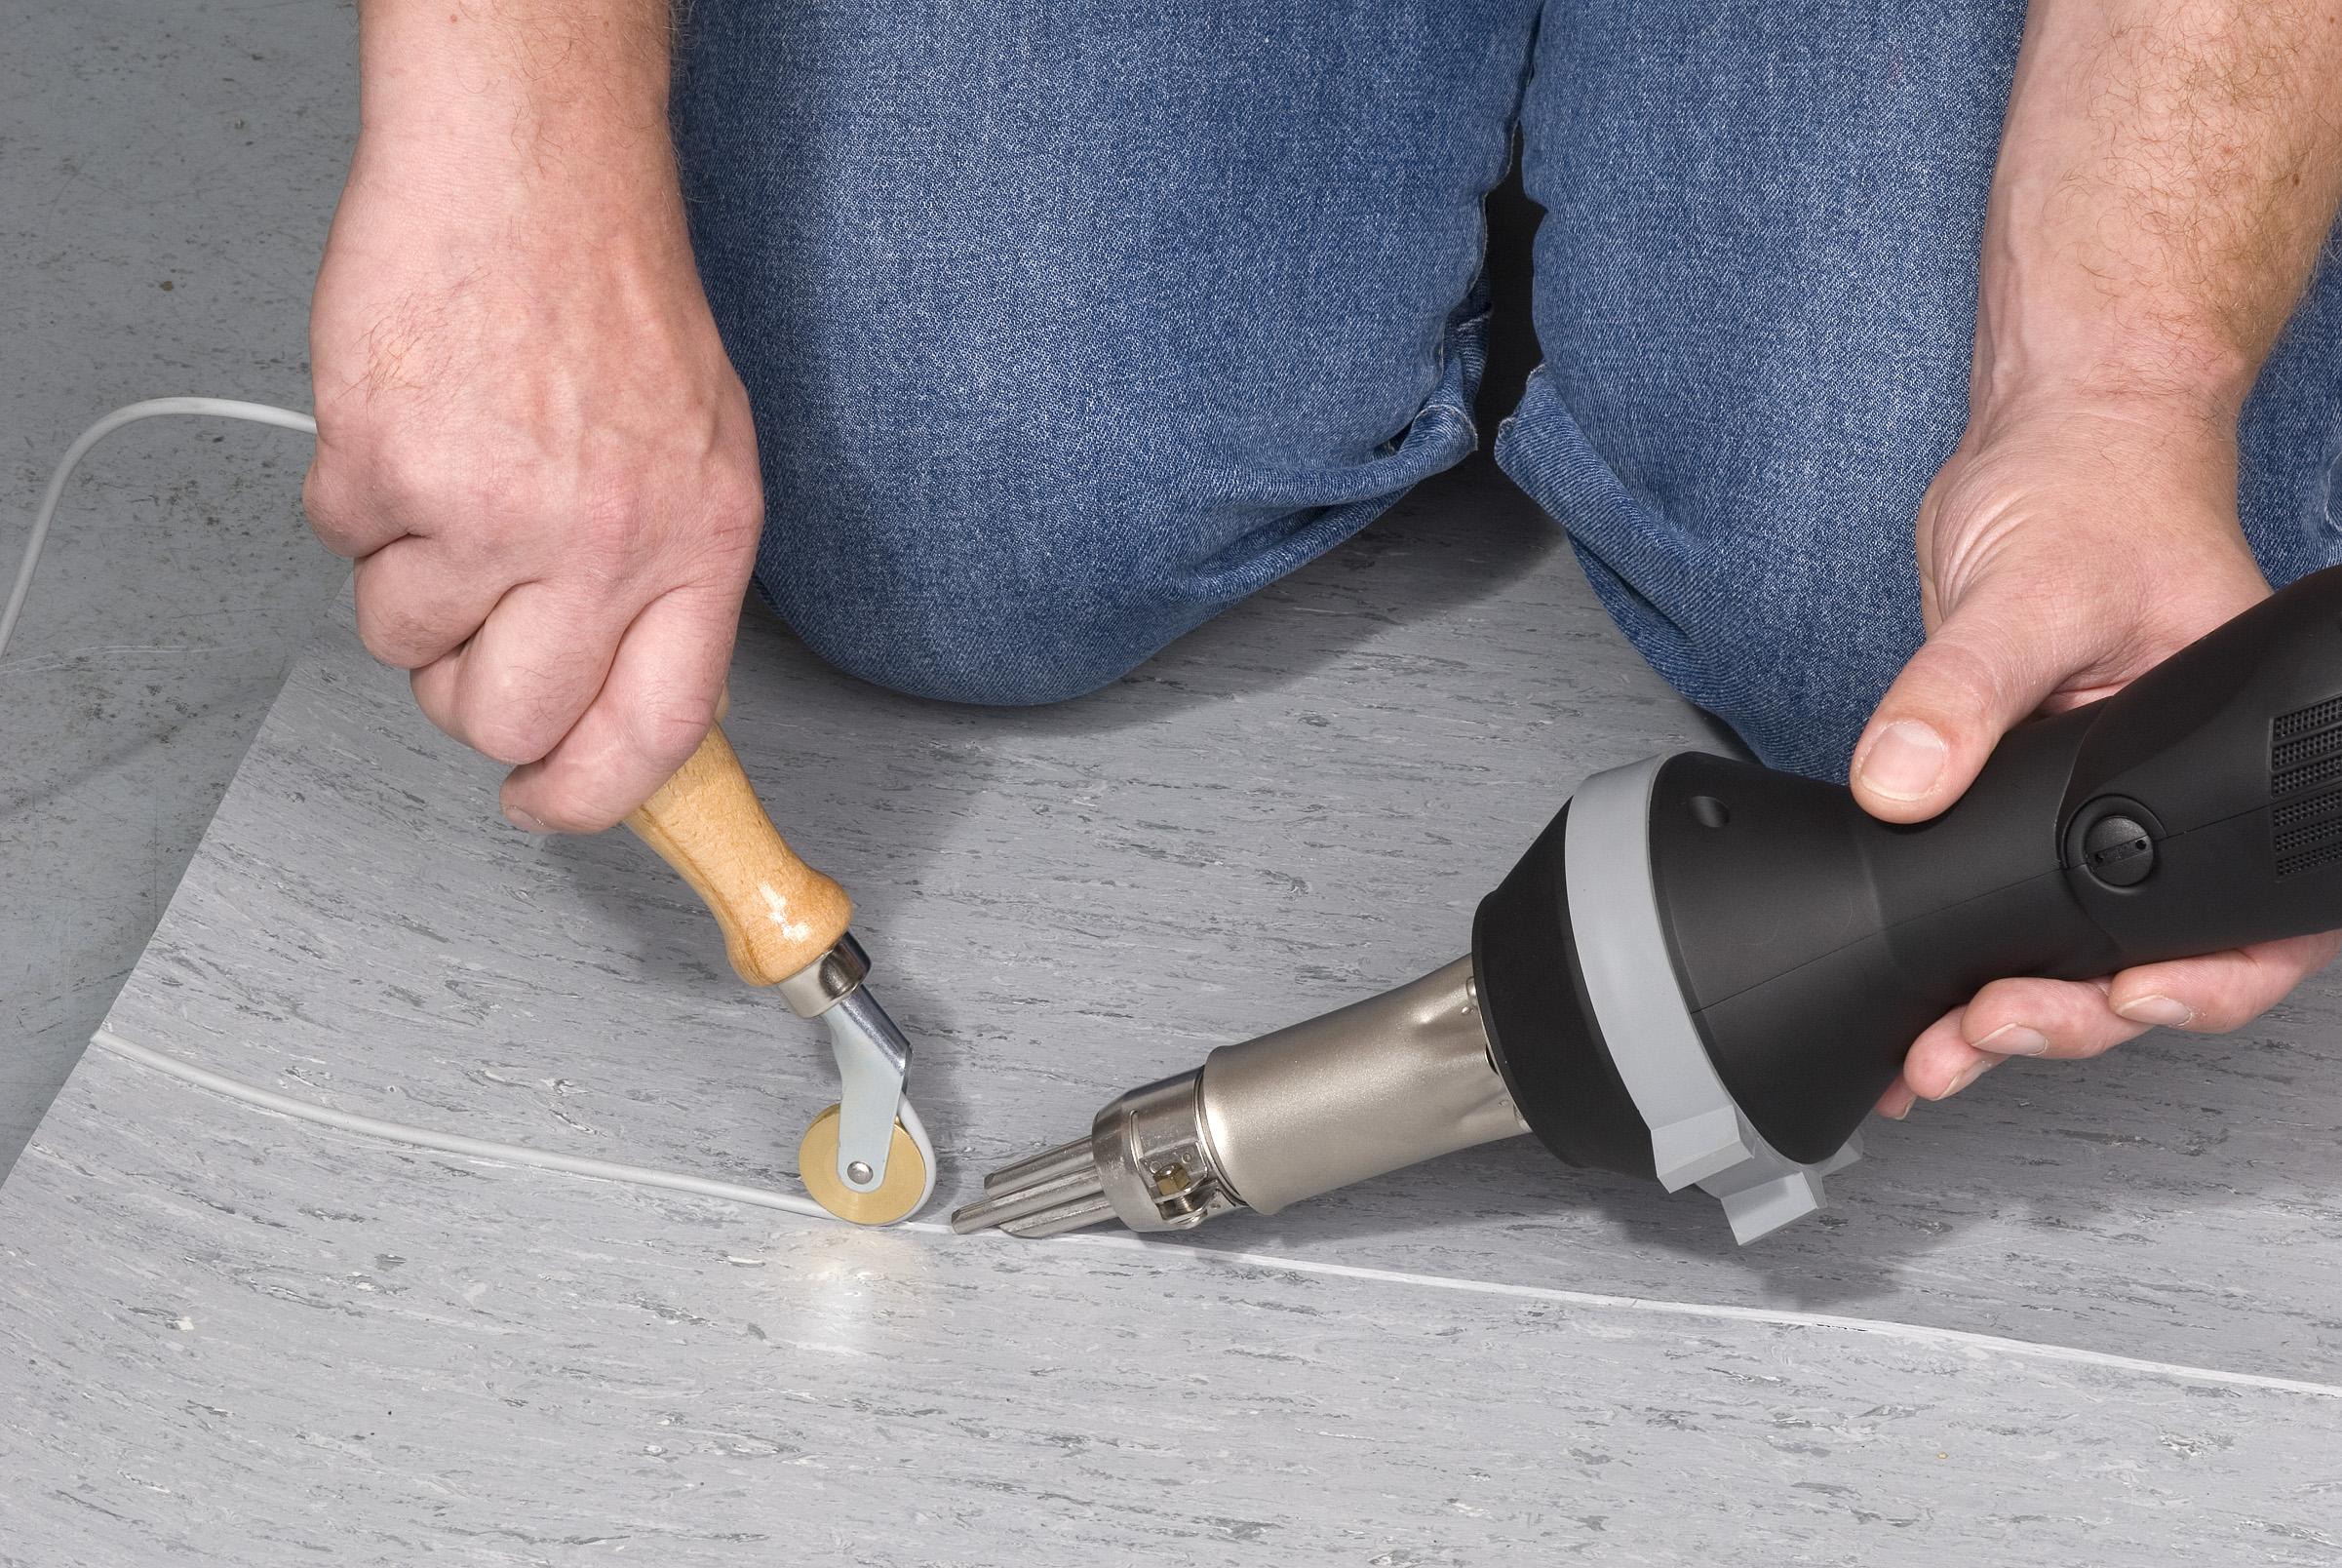 Укладка линолеума в стык на бетонный пол